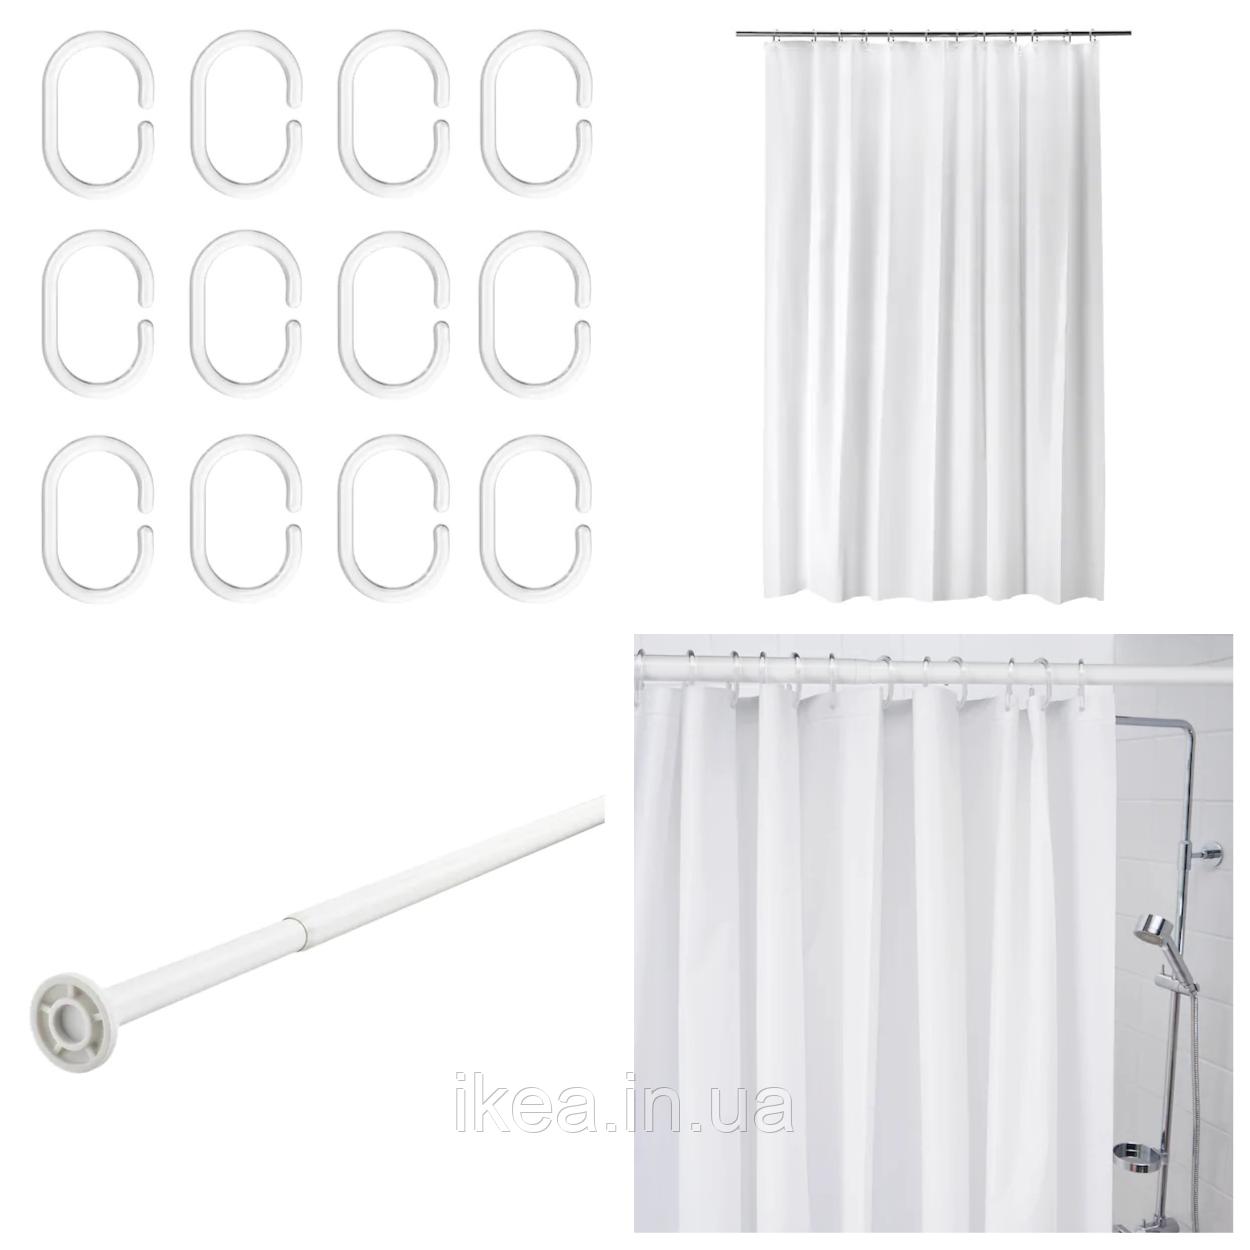 Шторка для ванни і душа з кільцями і штангою IKEA BJÄRSEN 180x200 см біла ІКЕА БЙАРСЕН